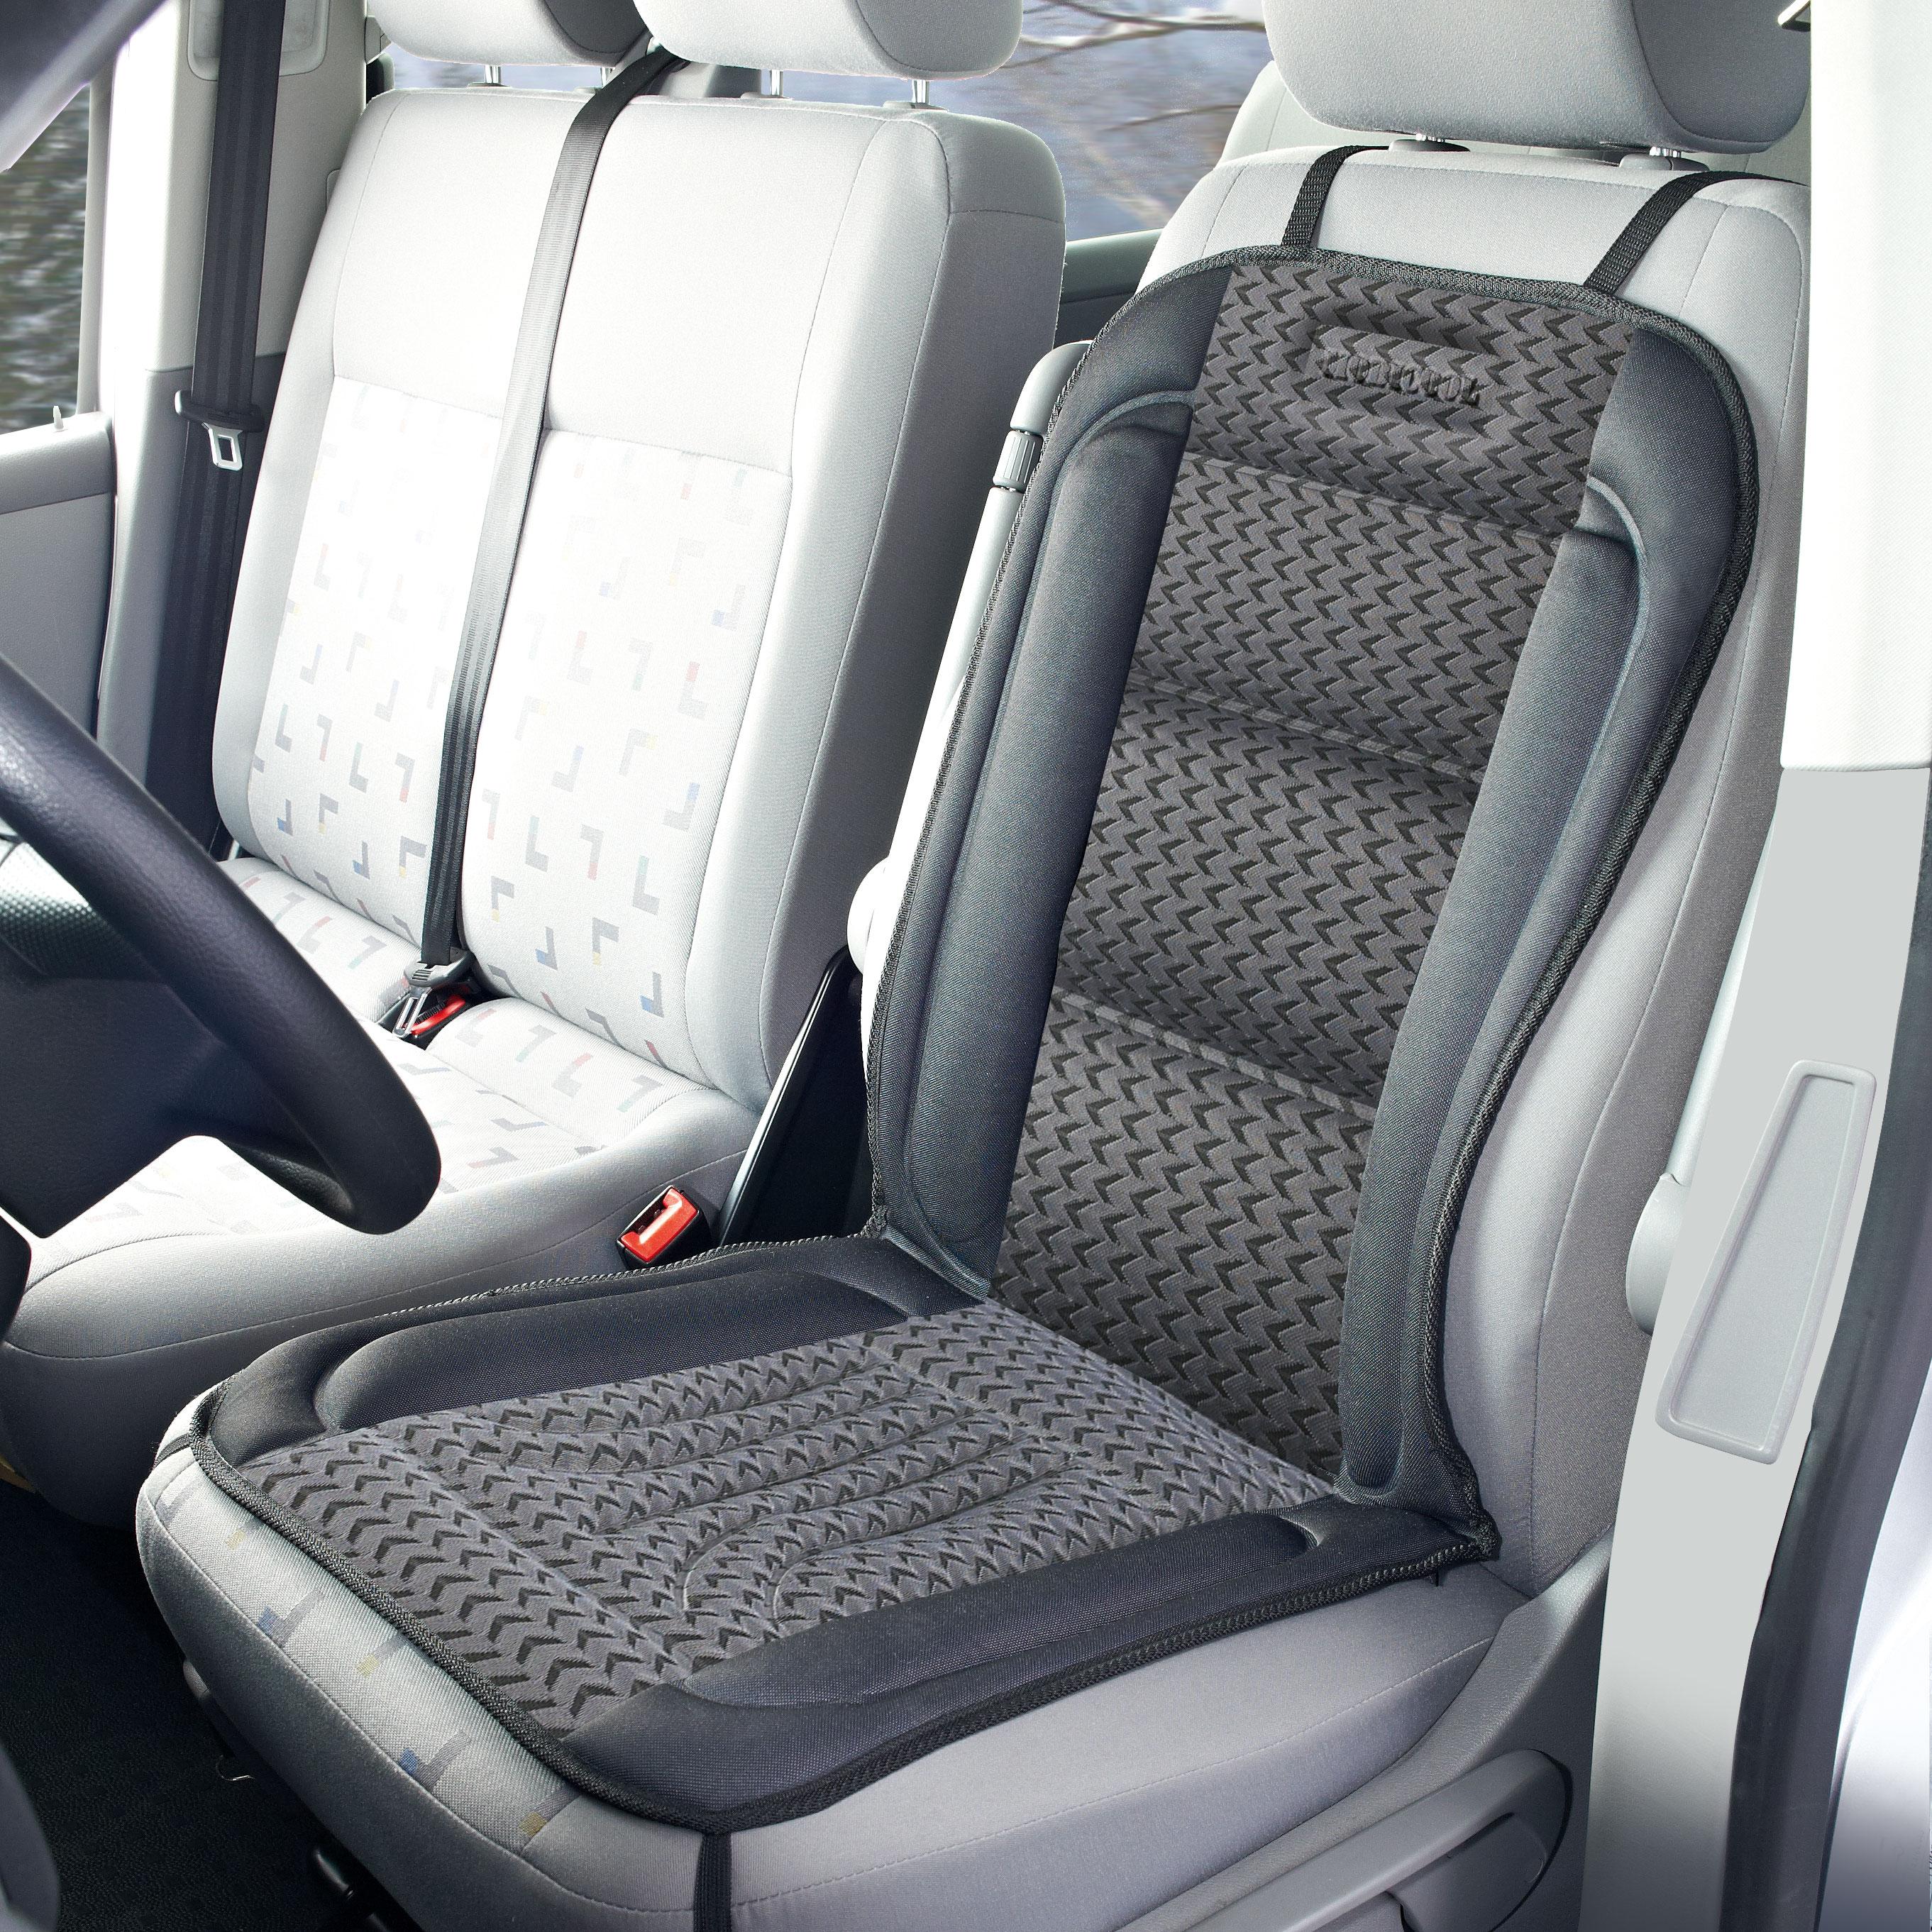 WAECO MagicComfort MH40 MH40GS Mobicool Sitzheizung beheizte Sitzauflage grau